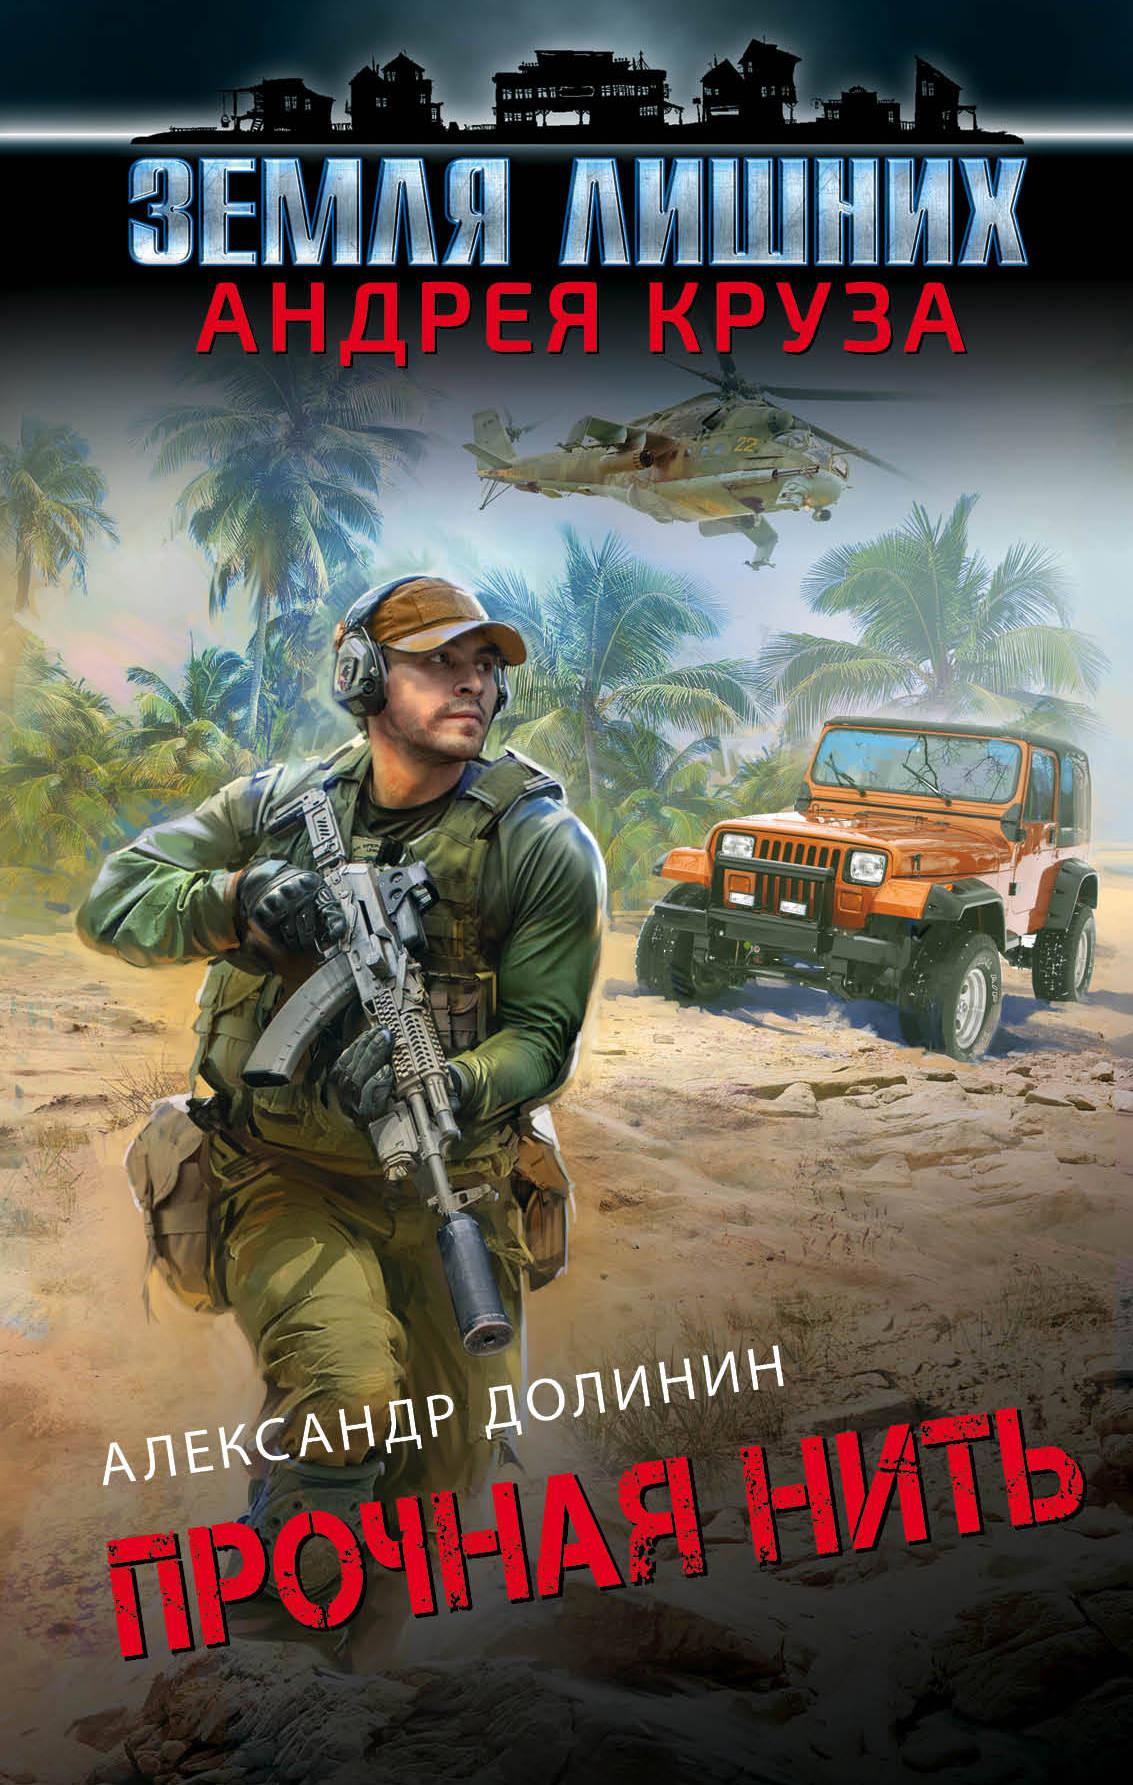 Александр Долинин, Андрей Круз Земля лишних. Прочная нить